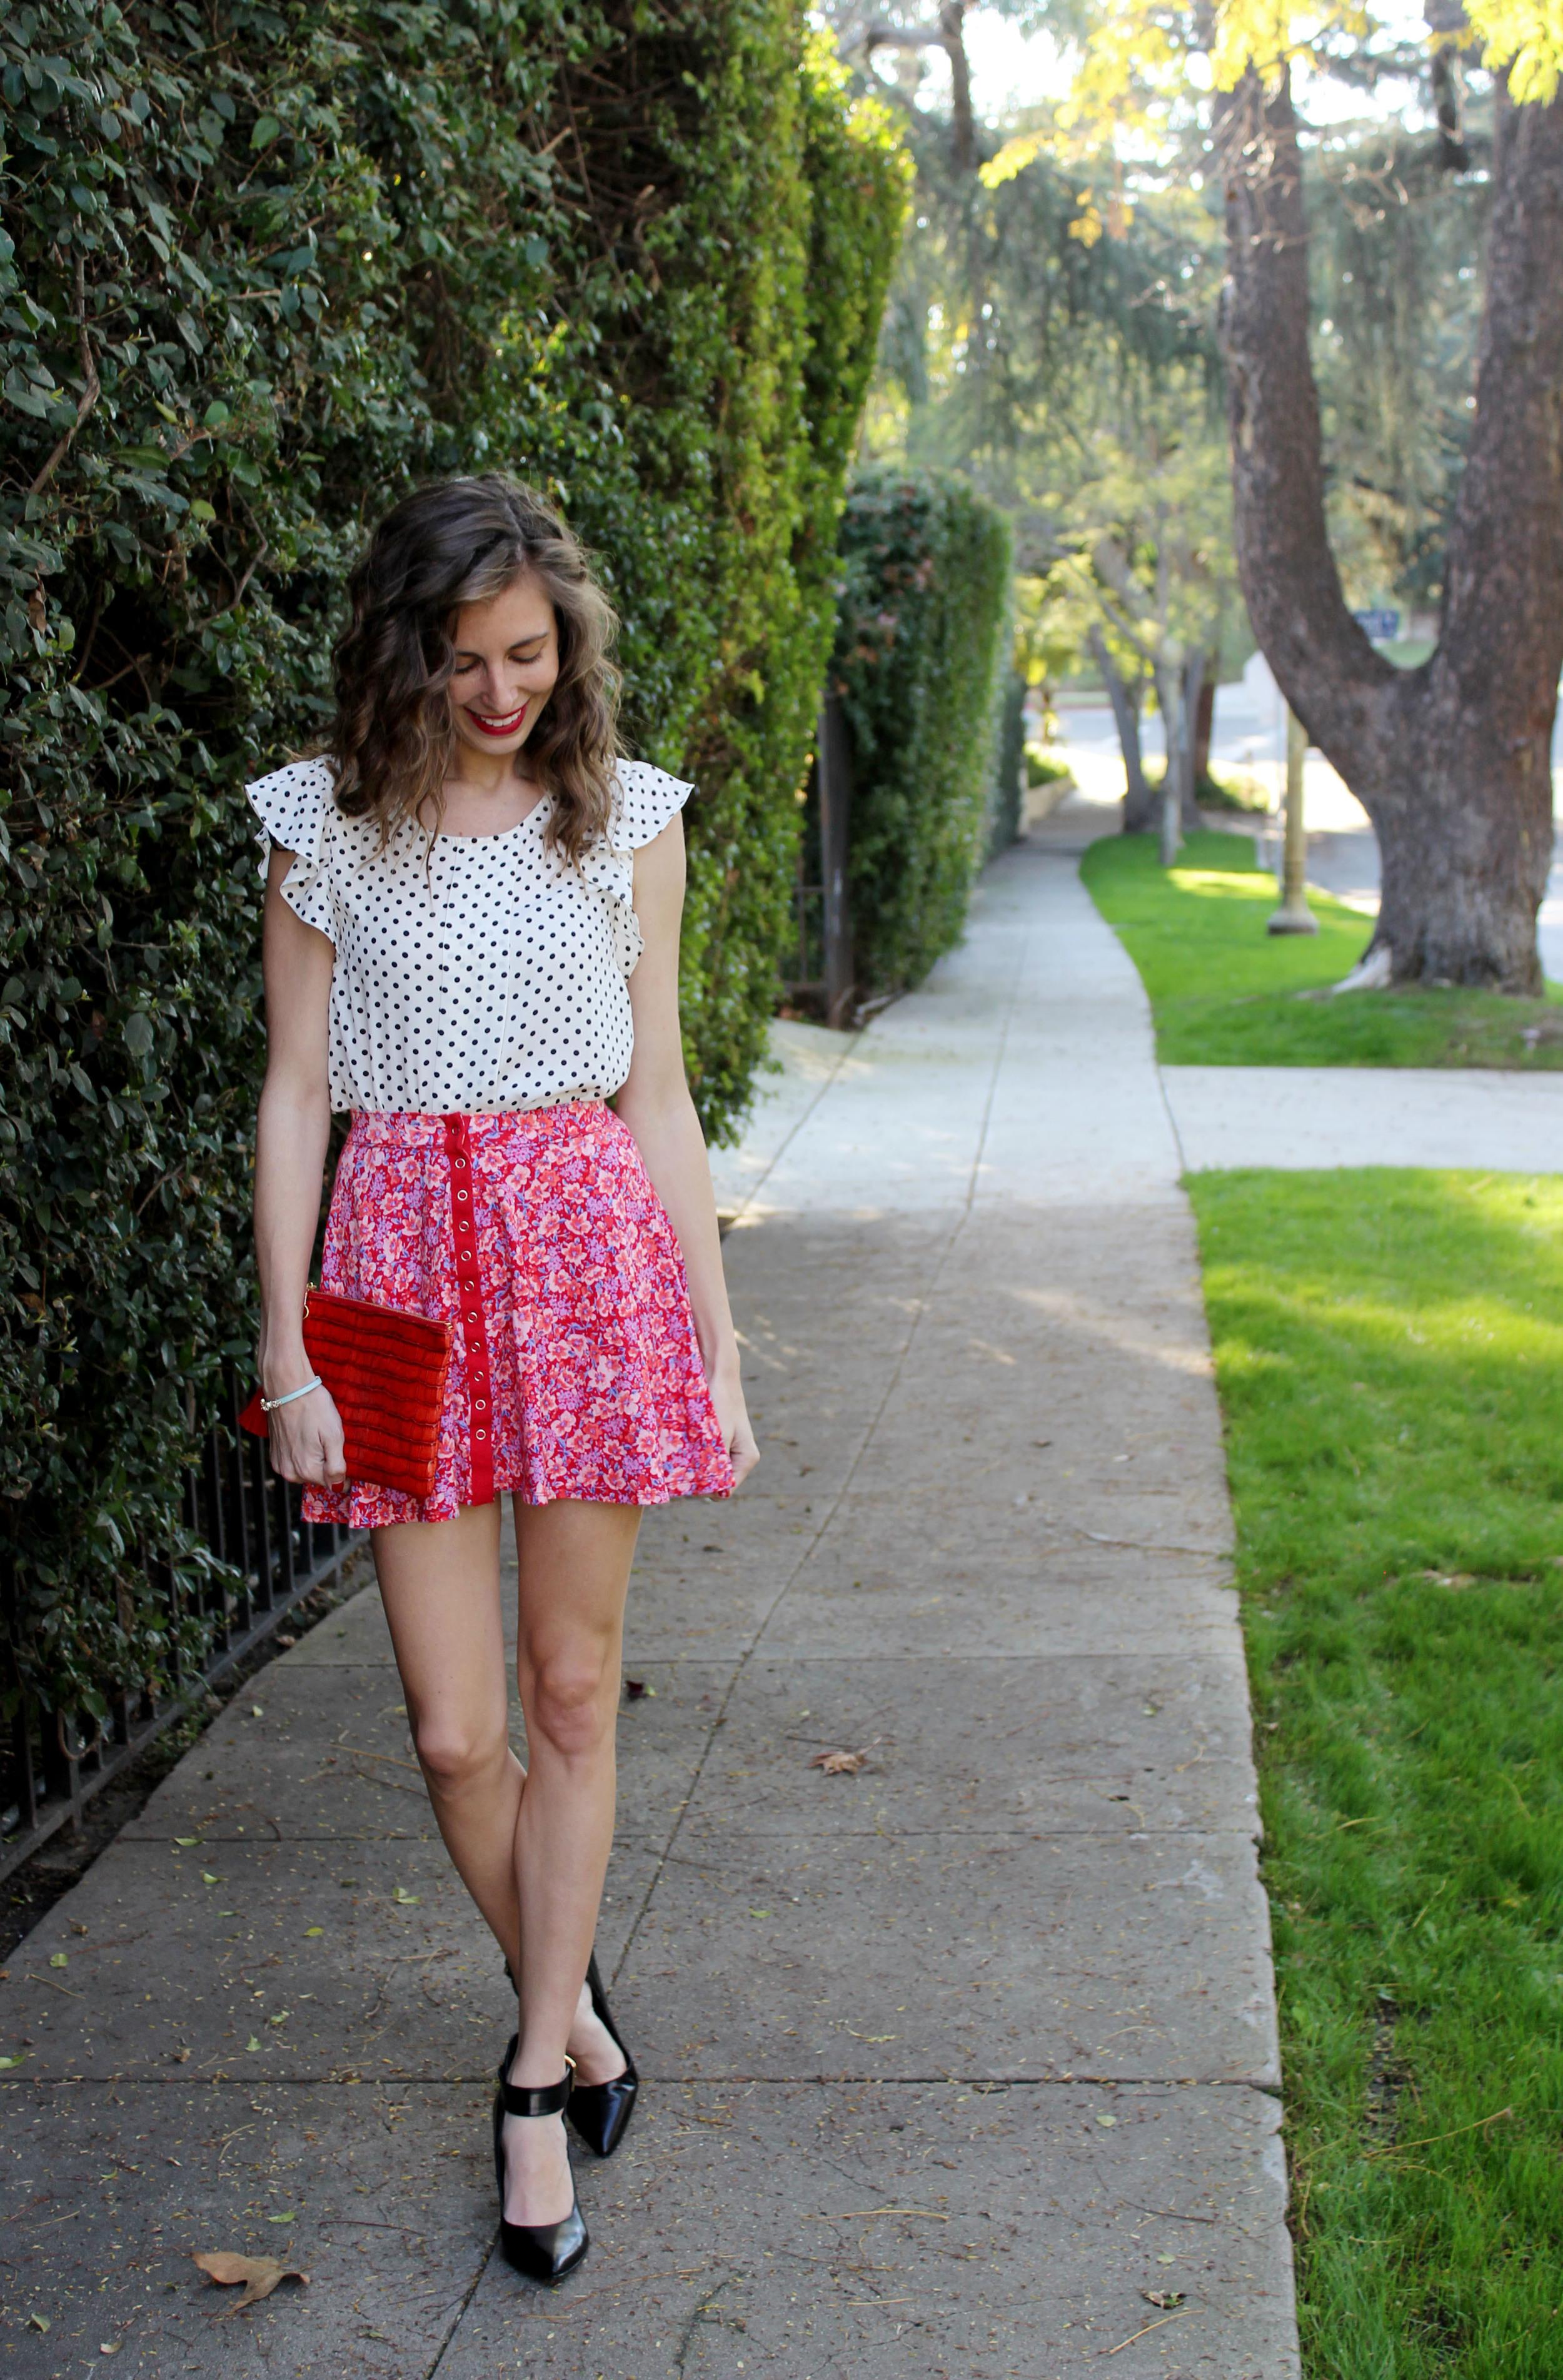 full pink skirt.jpg